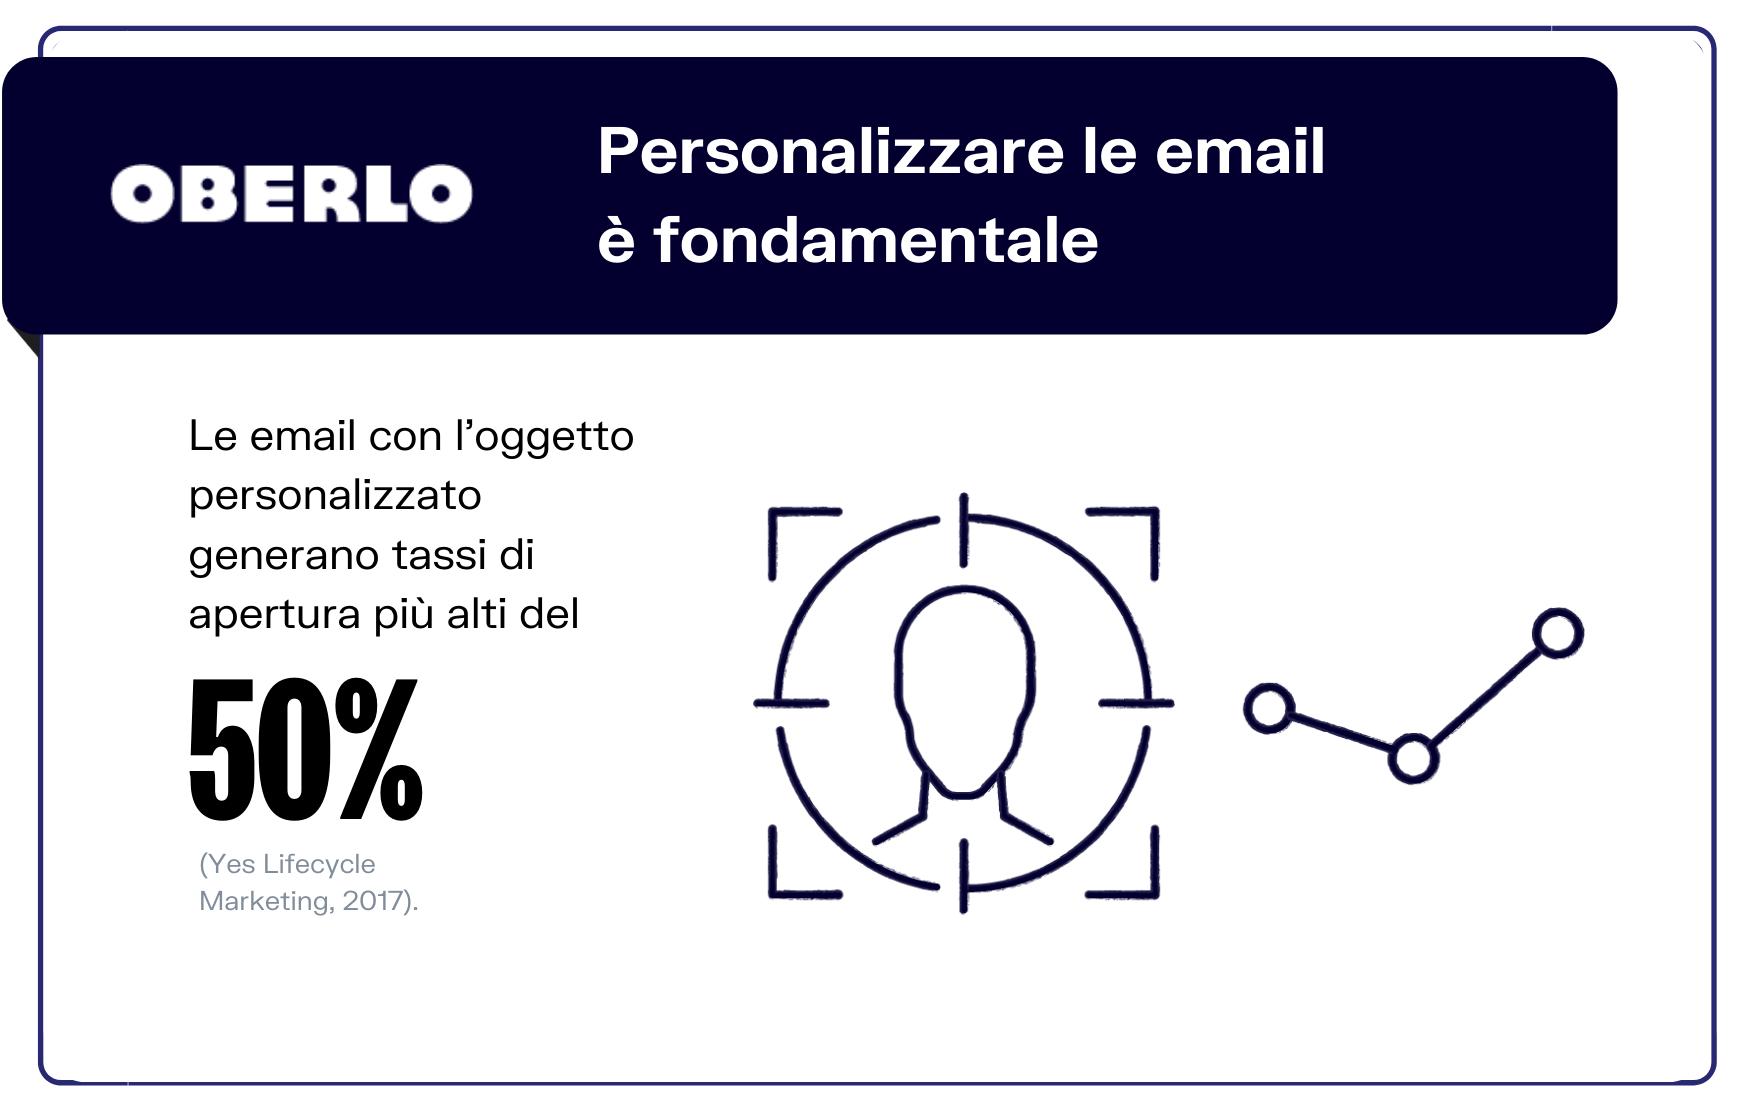 personalizzare le email